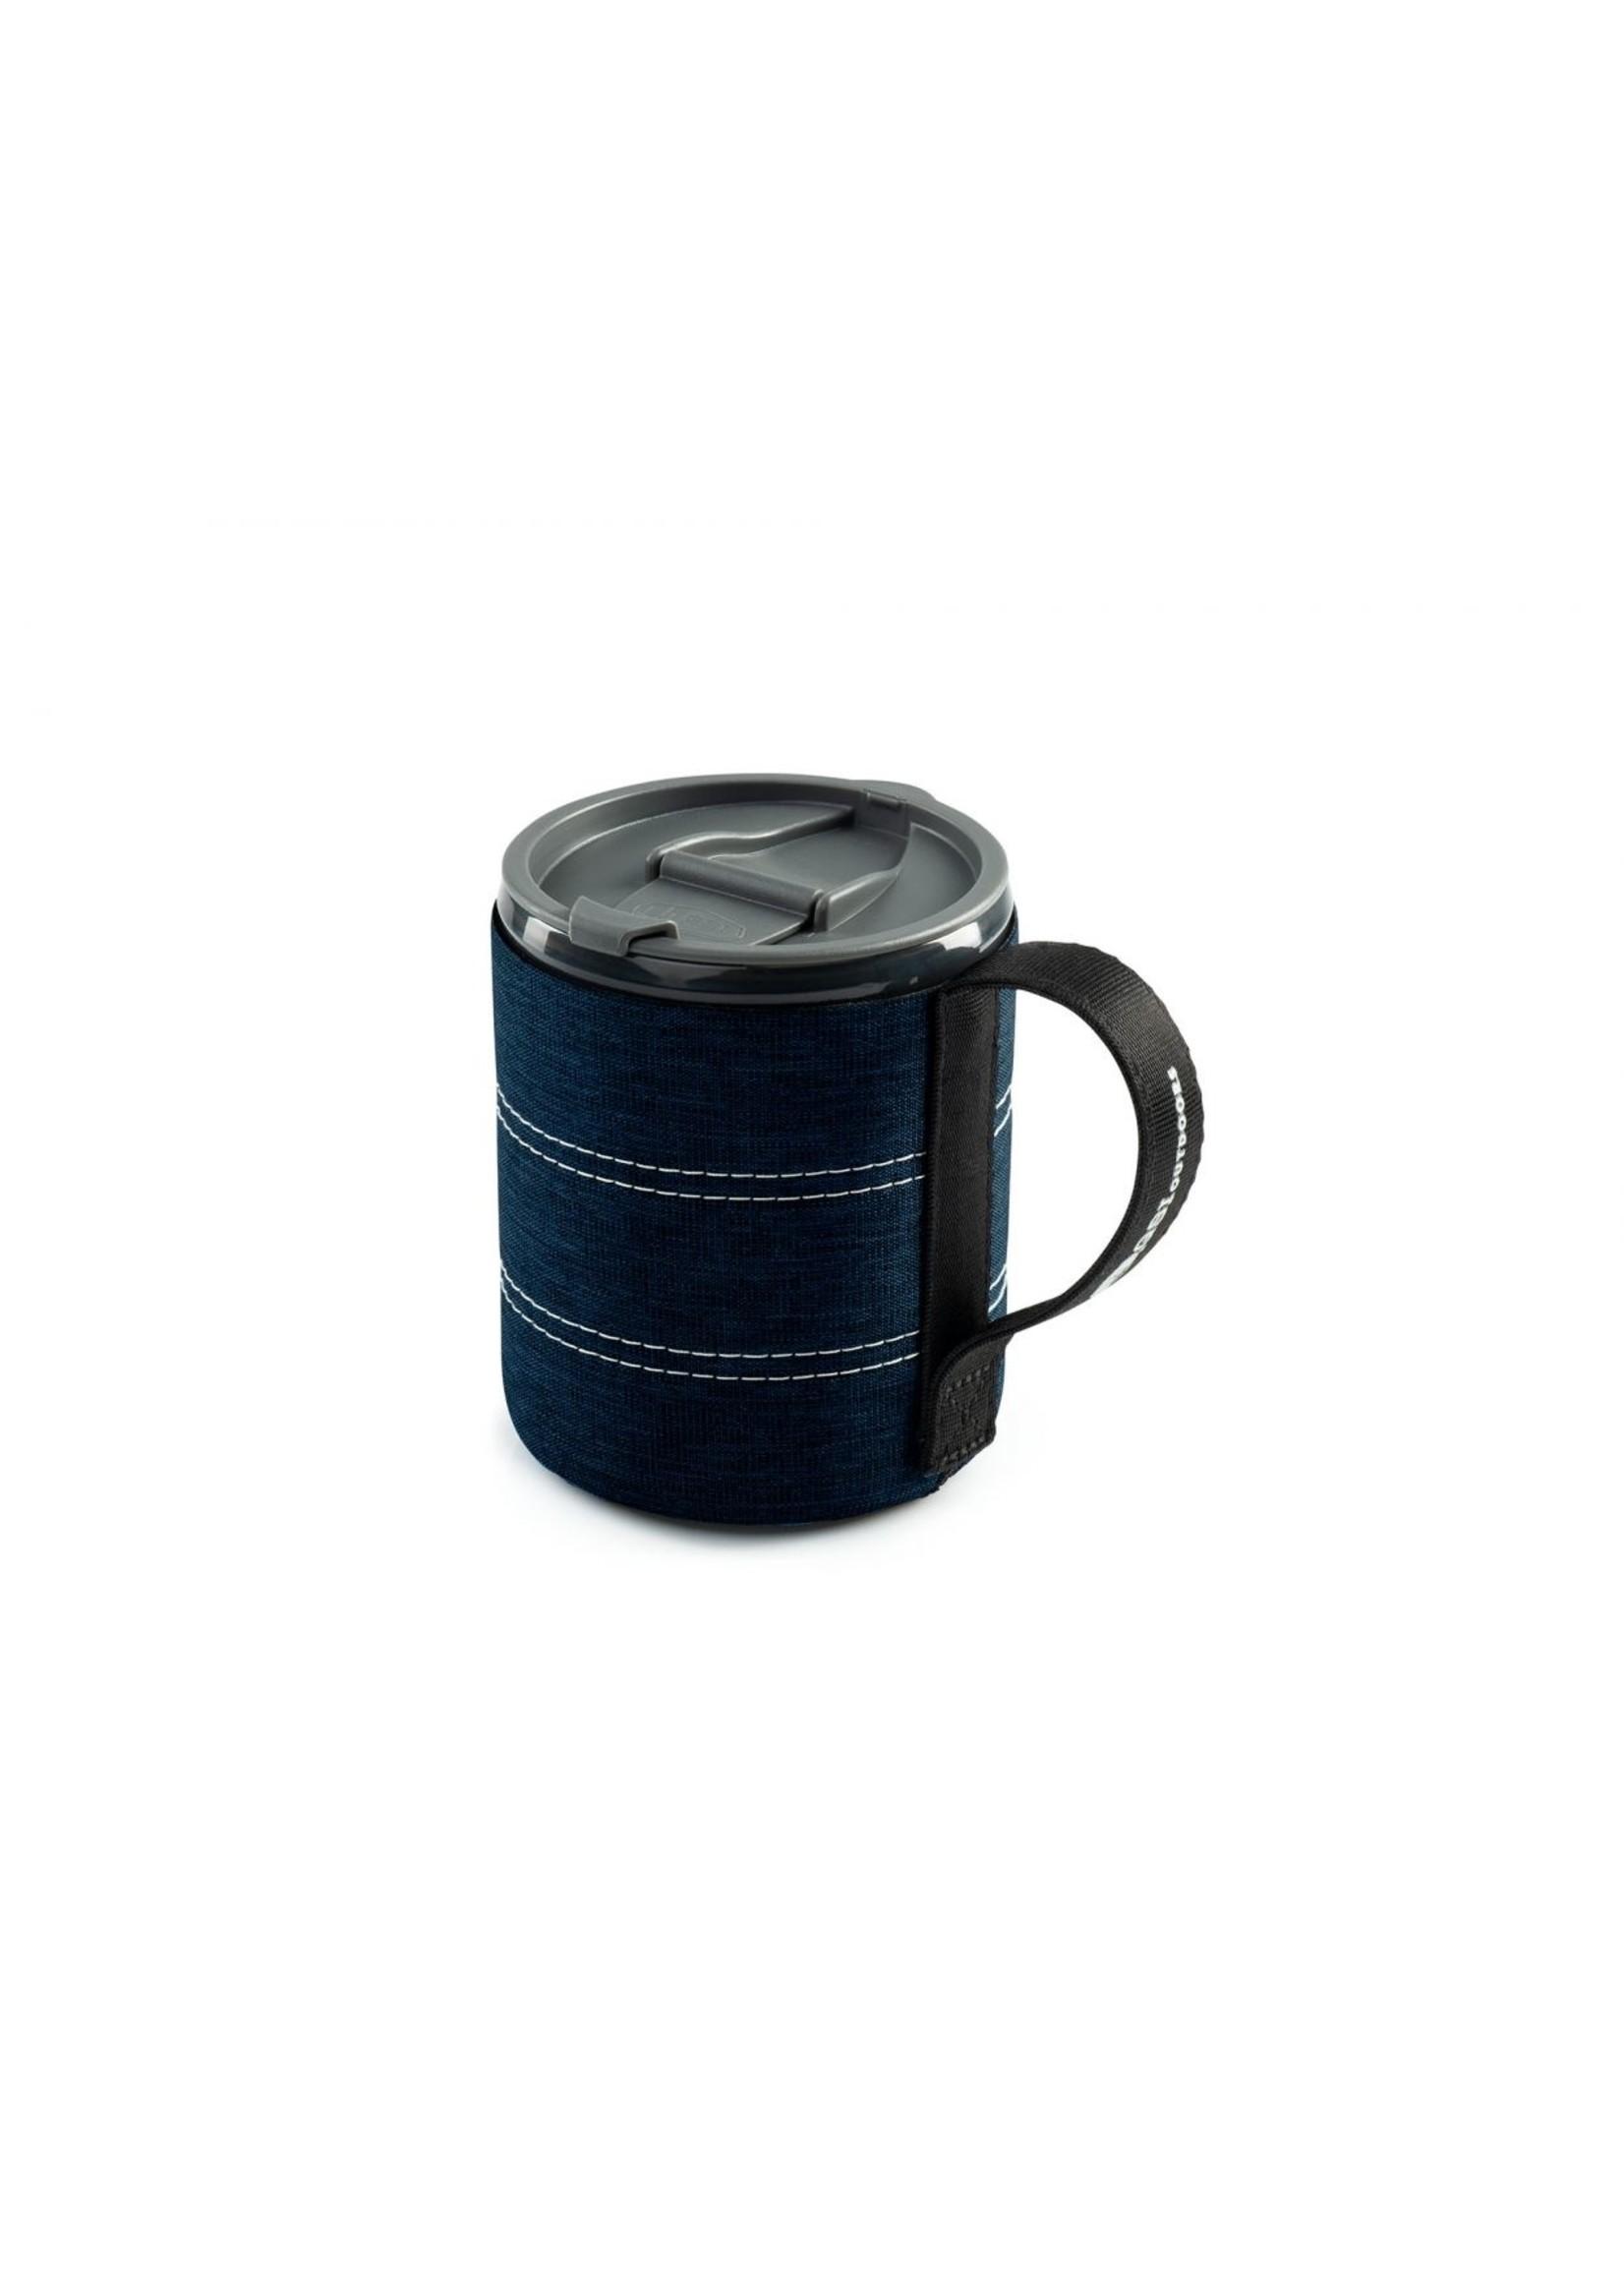 GSI Outdoor GSI Infinity Backpacker Mug